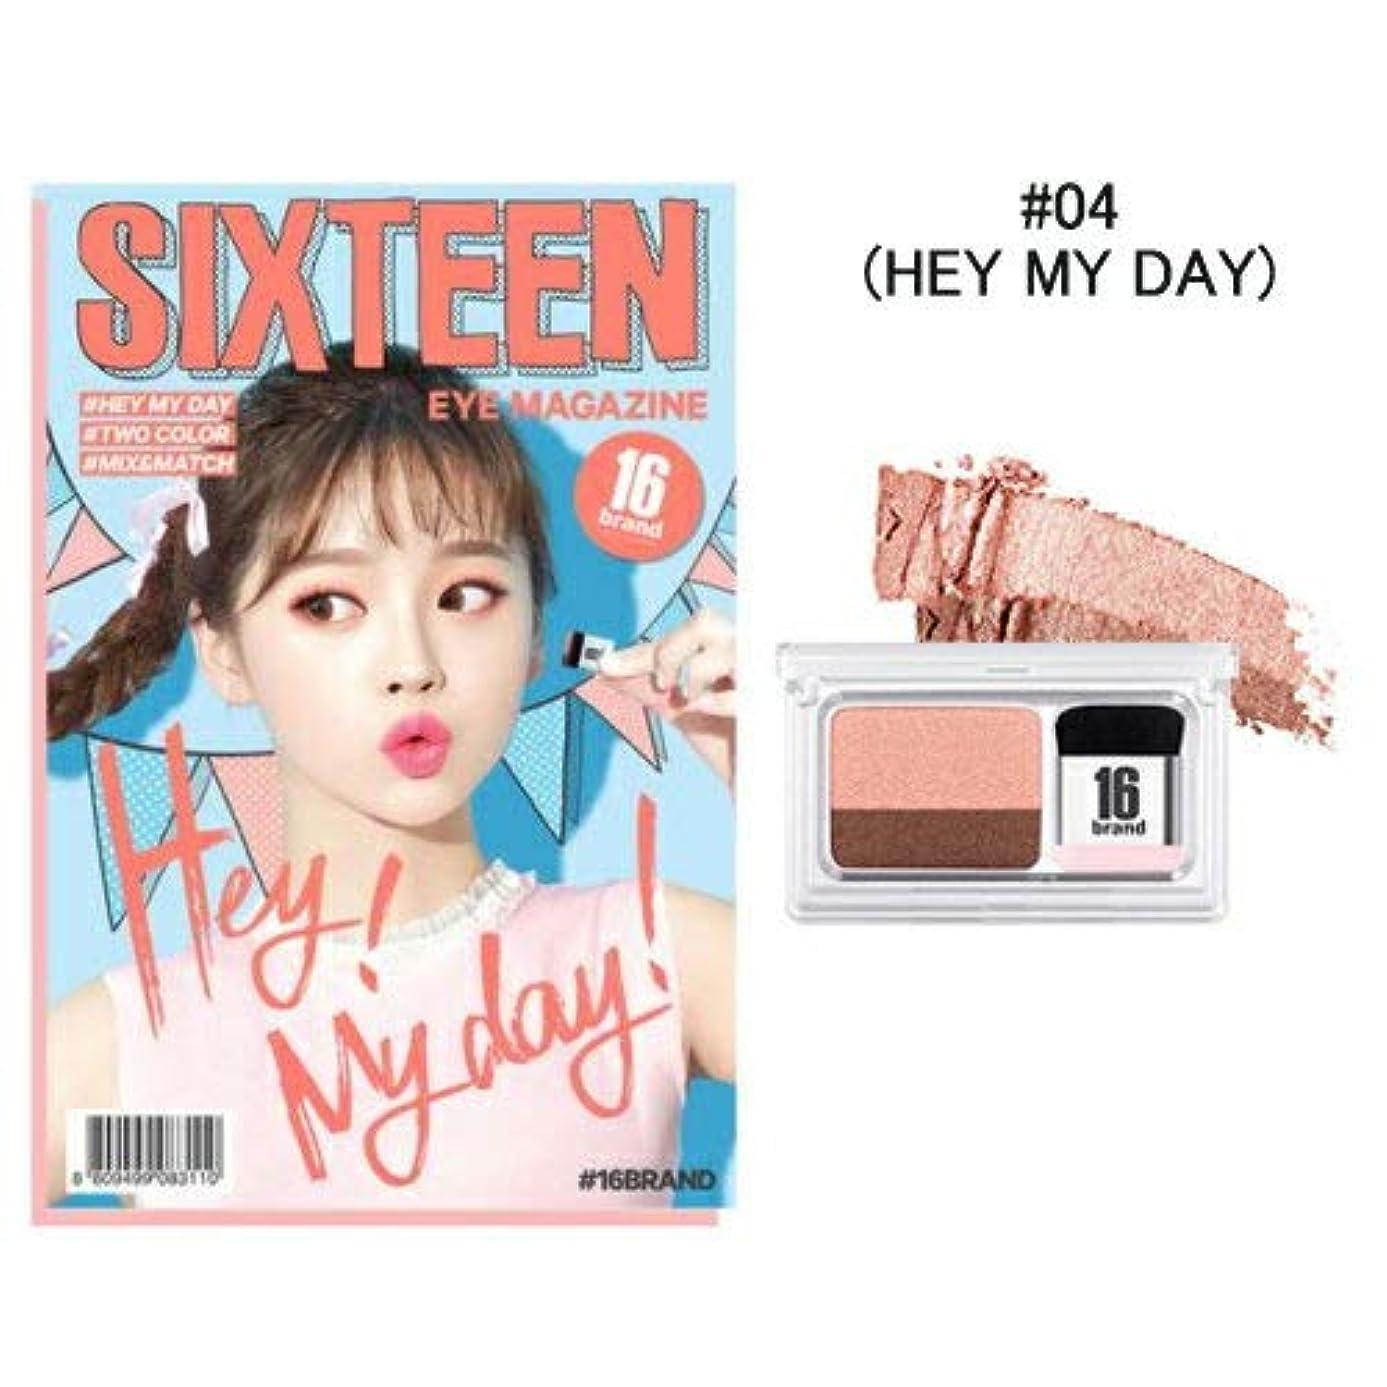 騒々しい勝者エステート[New Color] 16brand Sixteen Eye Magazine 2g /16ブランド シックスティーン アイ マガジン 2g (#04 HEY MY DAY) [並行輸入品]